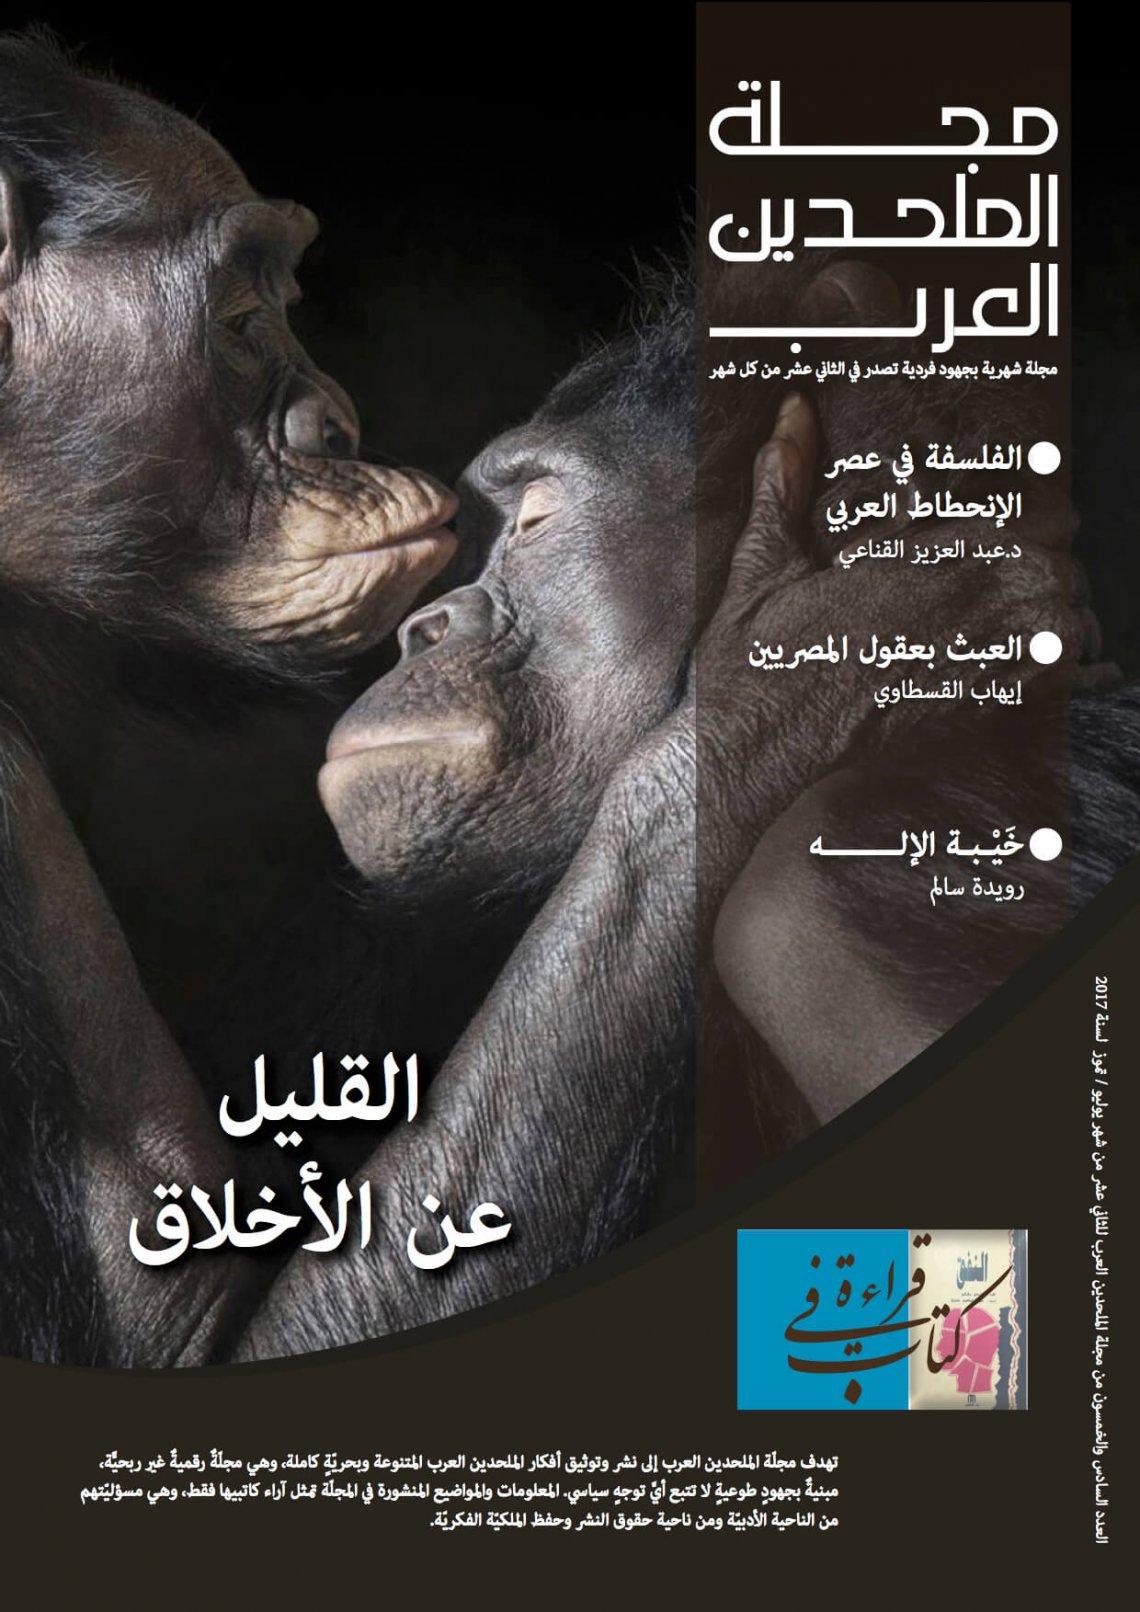 مجلة الملحدين العرب / العدد السادس والخمسون / يوليو تموز / 2017